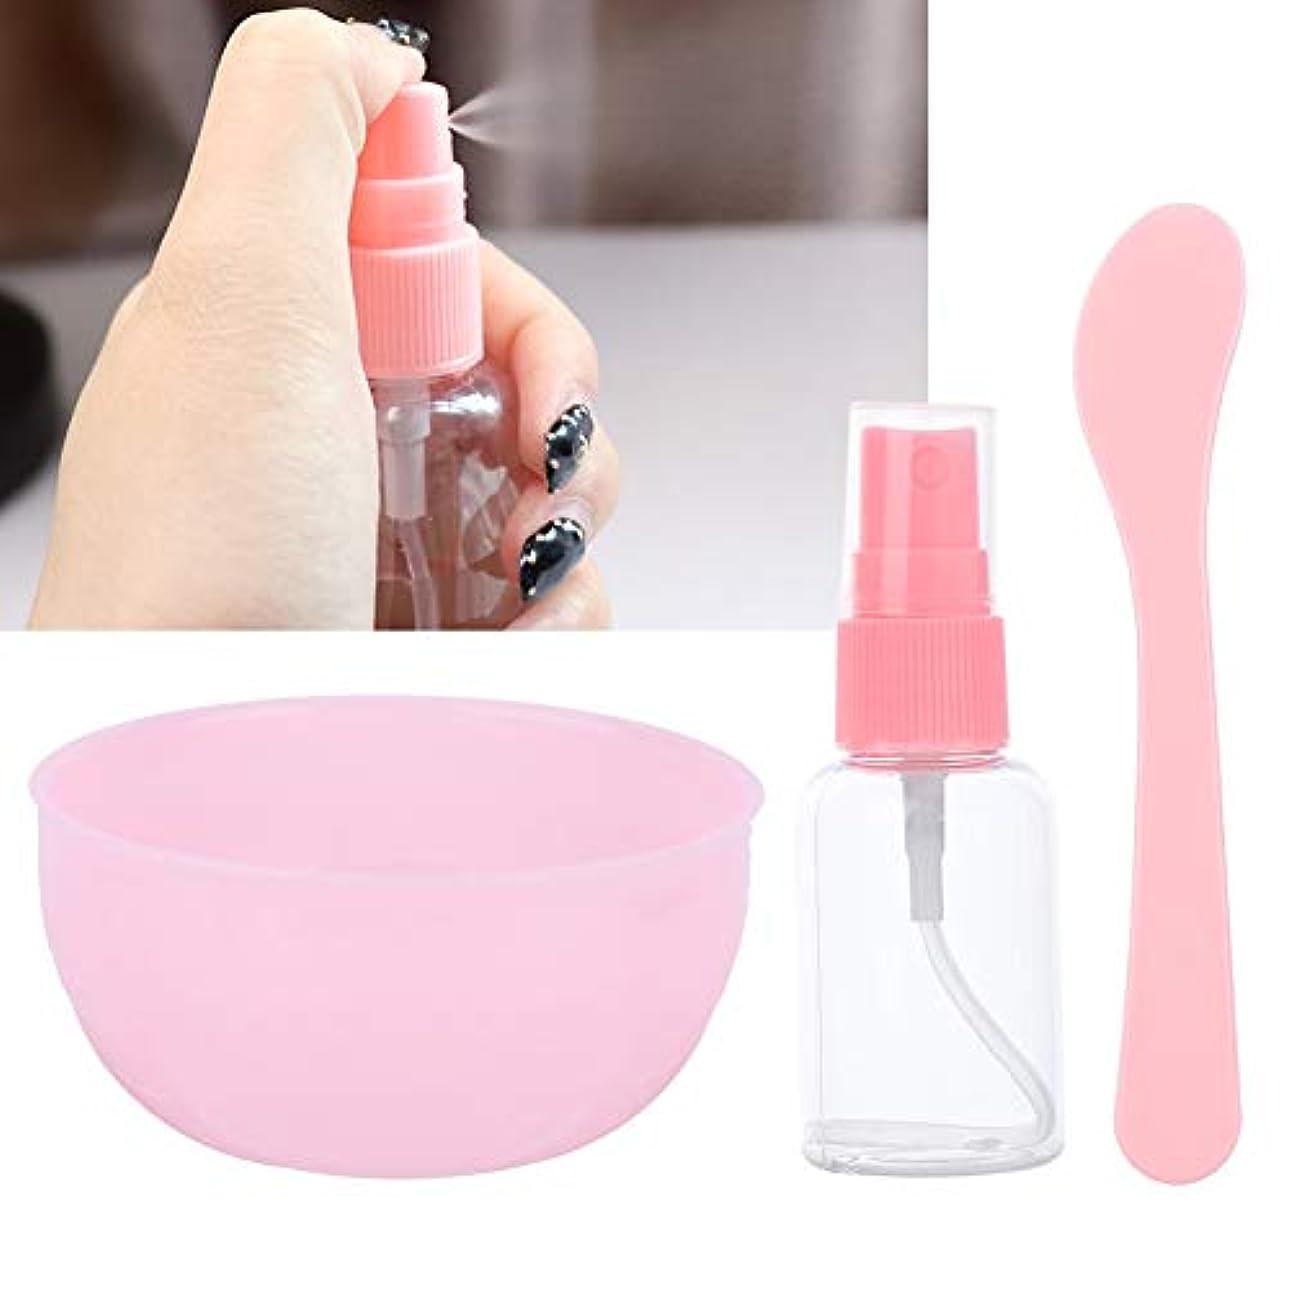 生物学表向き詳細なフェイスマスクミキシングボウルセットDIY美容マスクボウルセット化粧品ミキシングスティックスプレーボトル